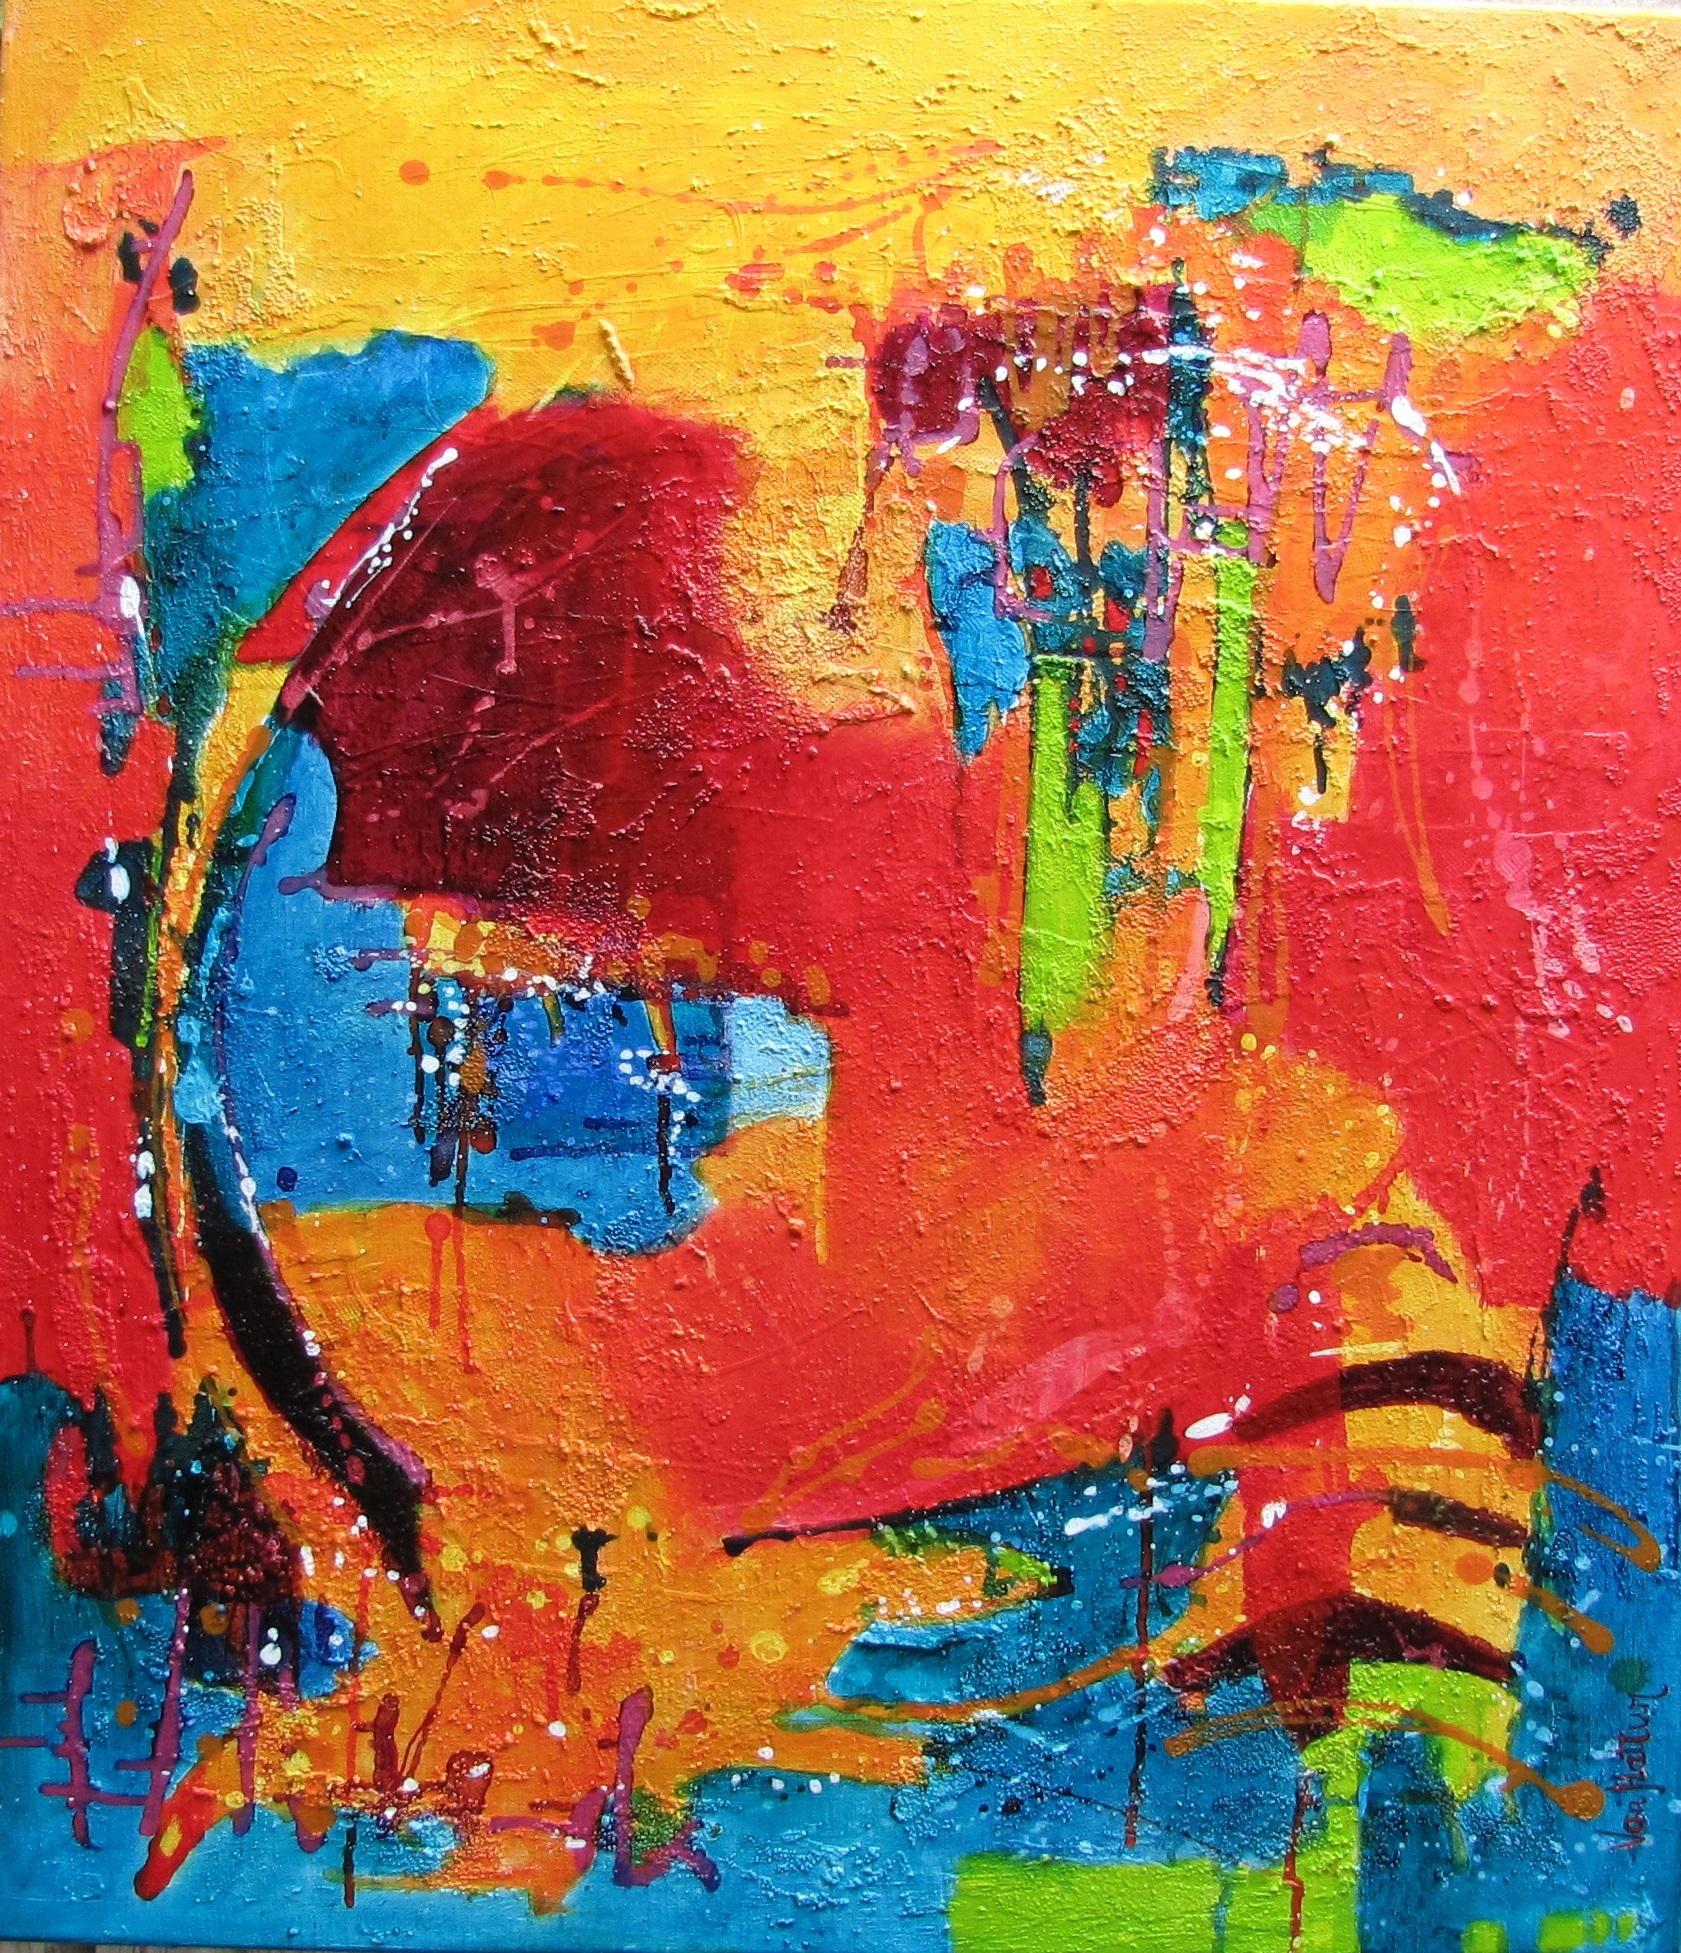 Maandag 30 juli..weer nieuw werk gebracht naar de Galerie.